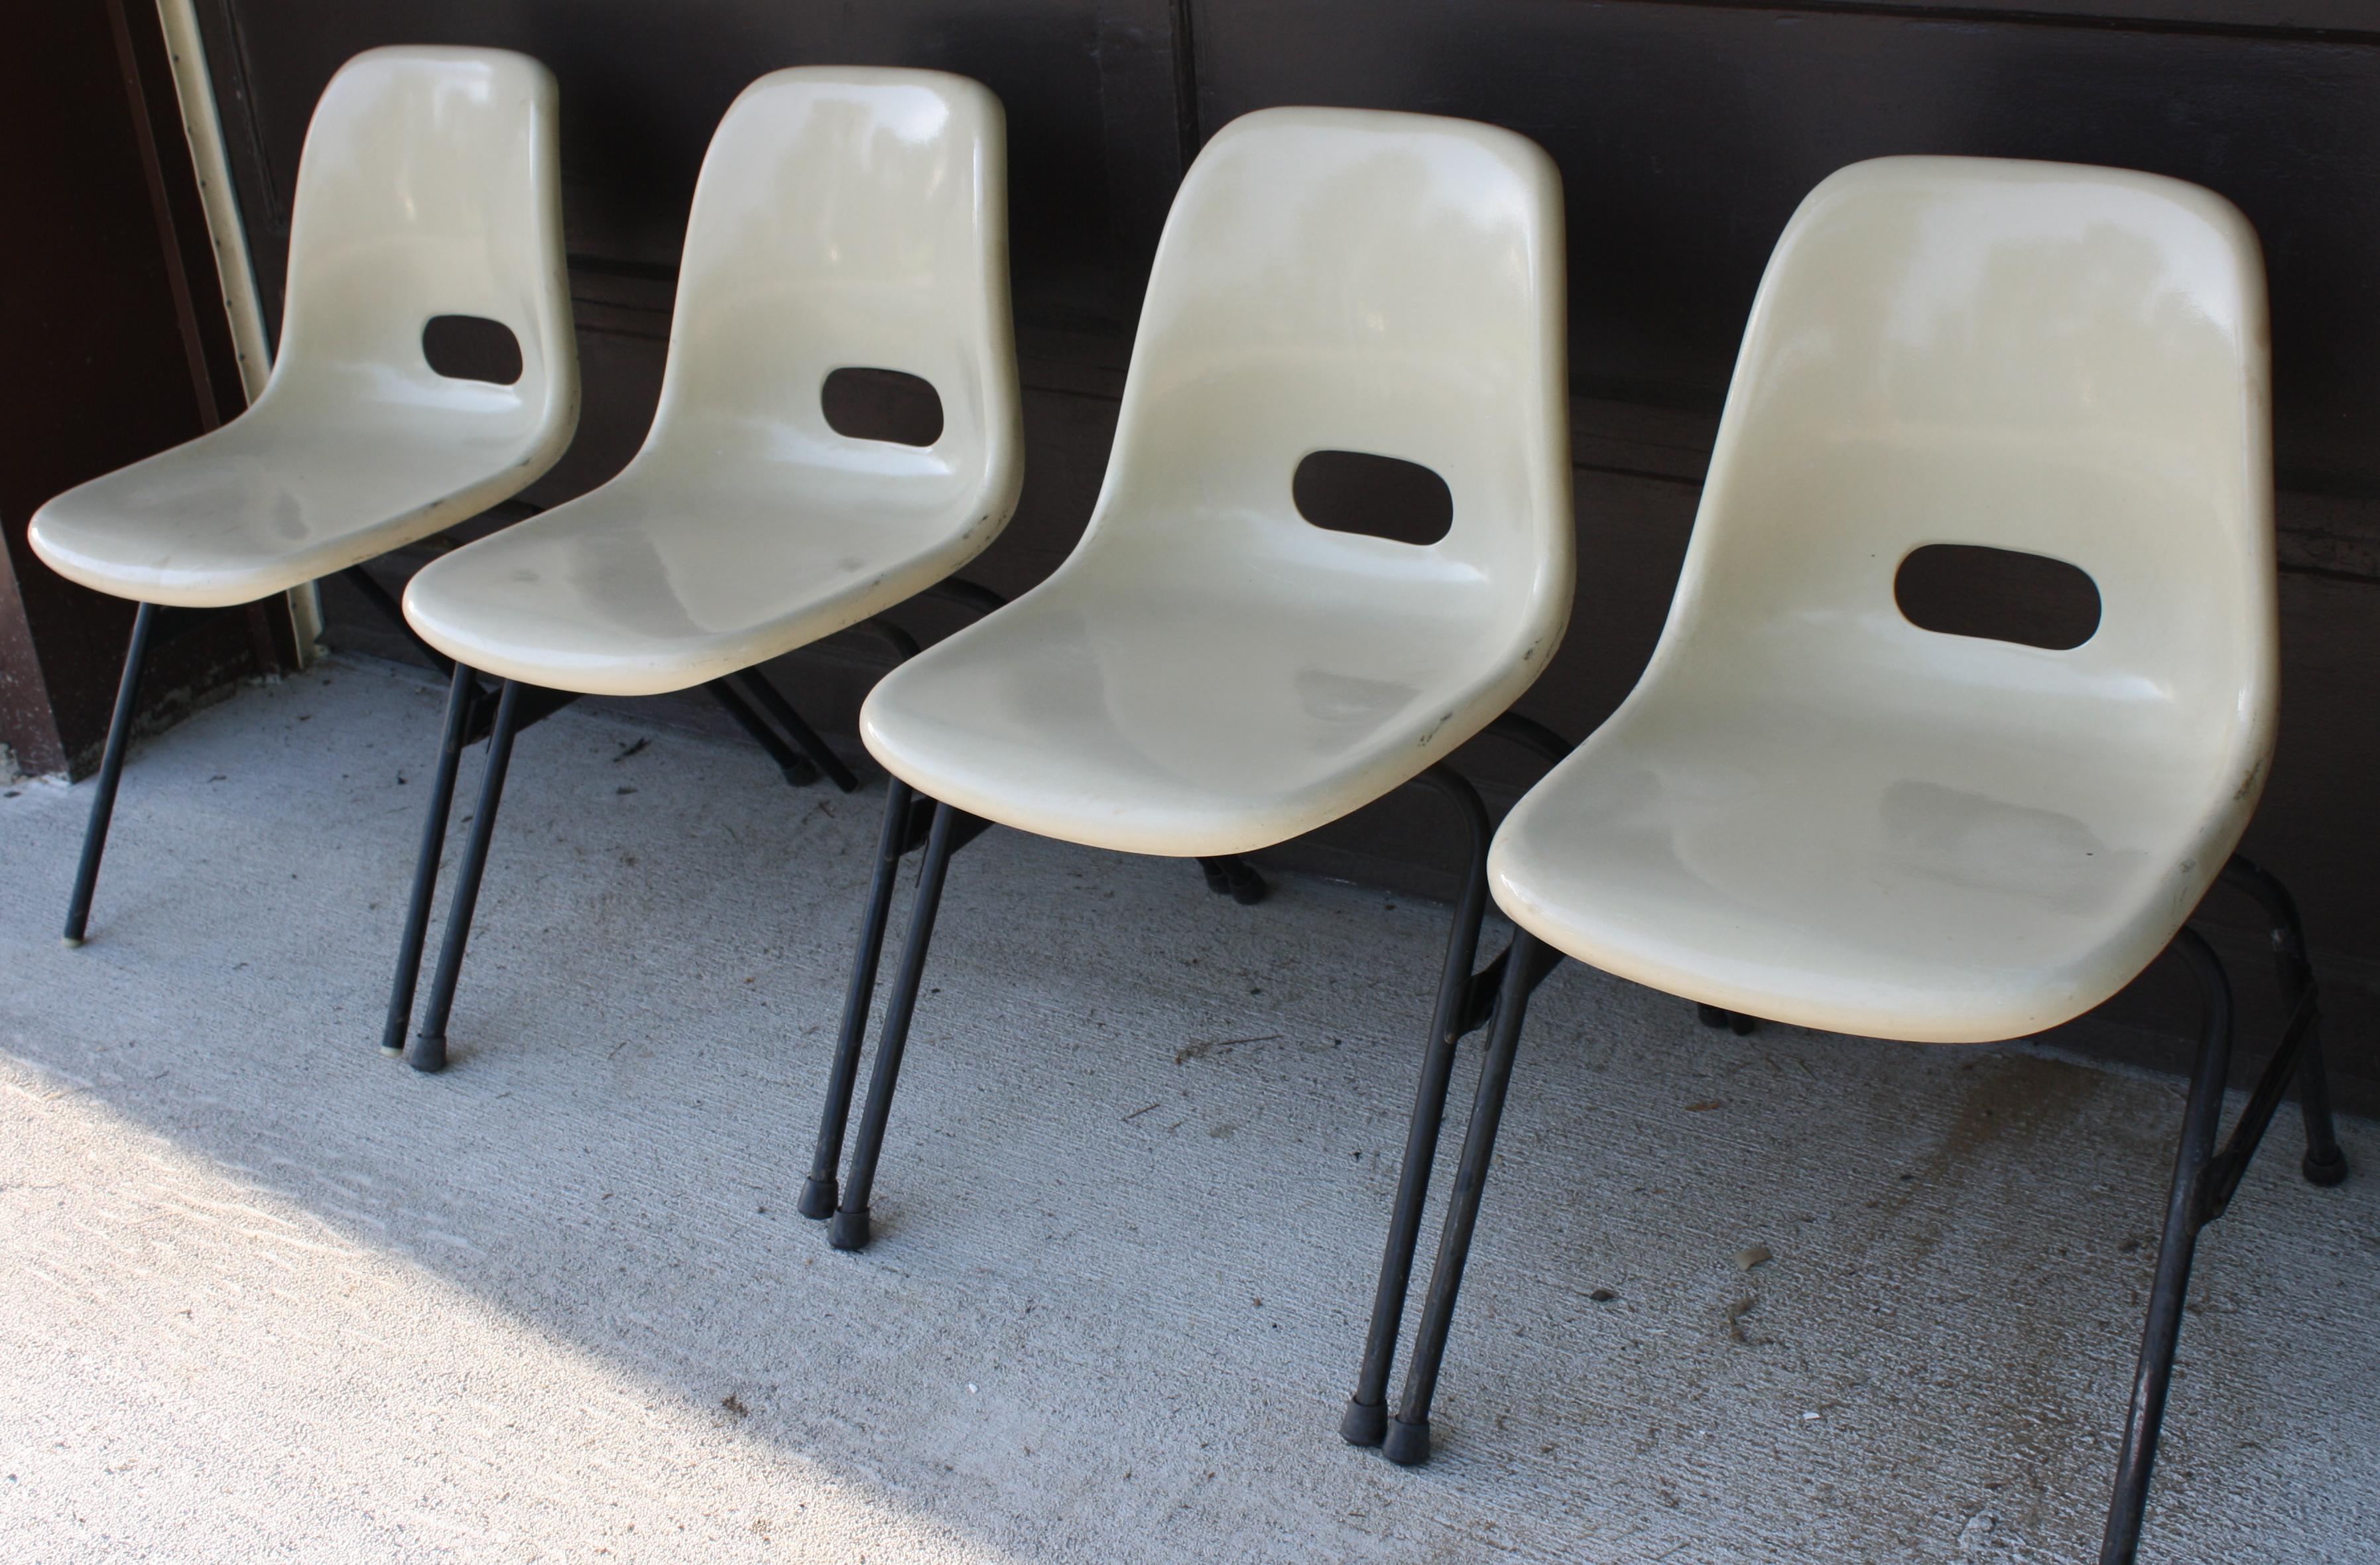 Superb Mid Century Modern Fiberglass Chairs   Krueger